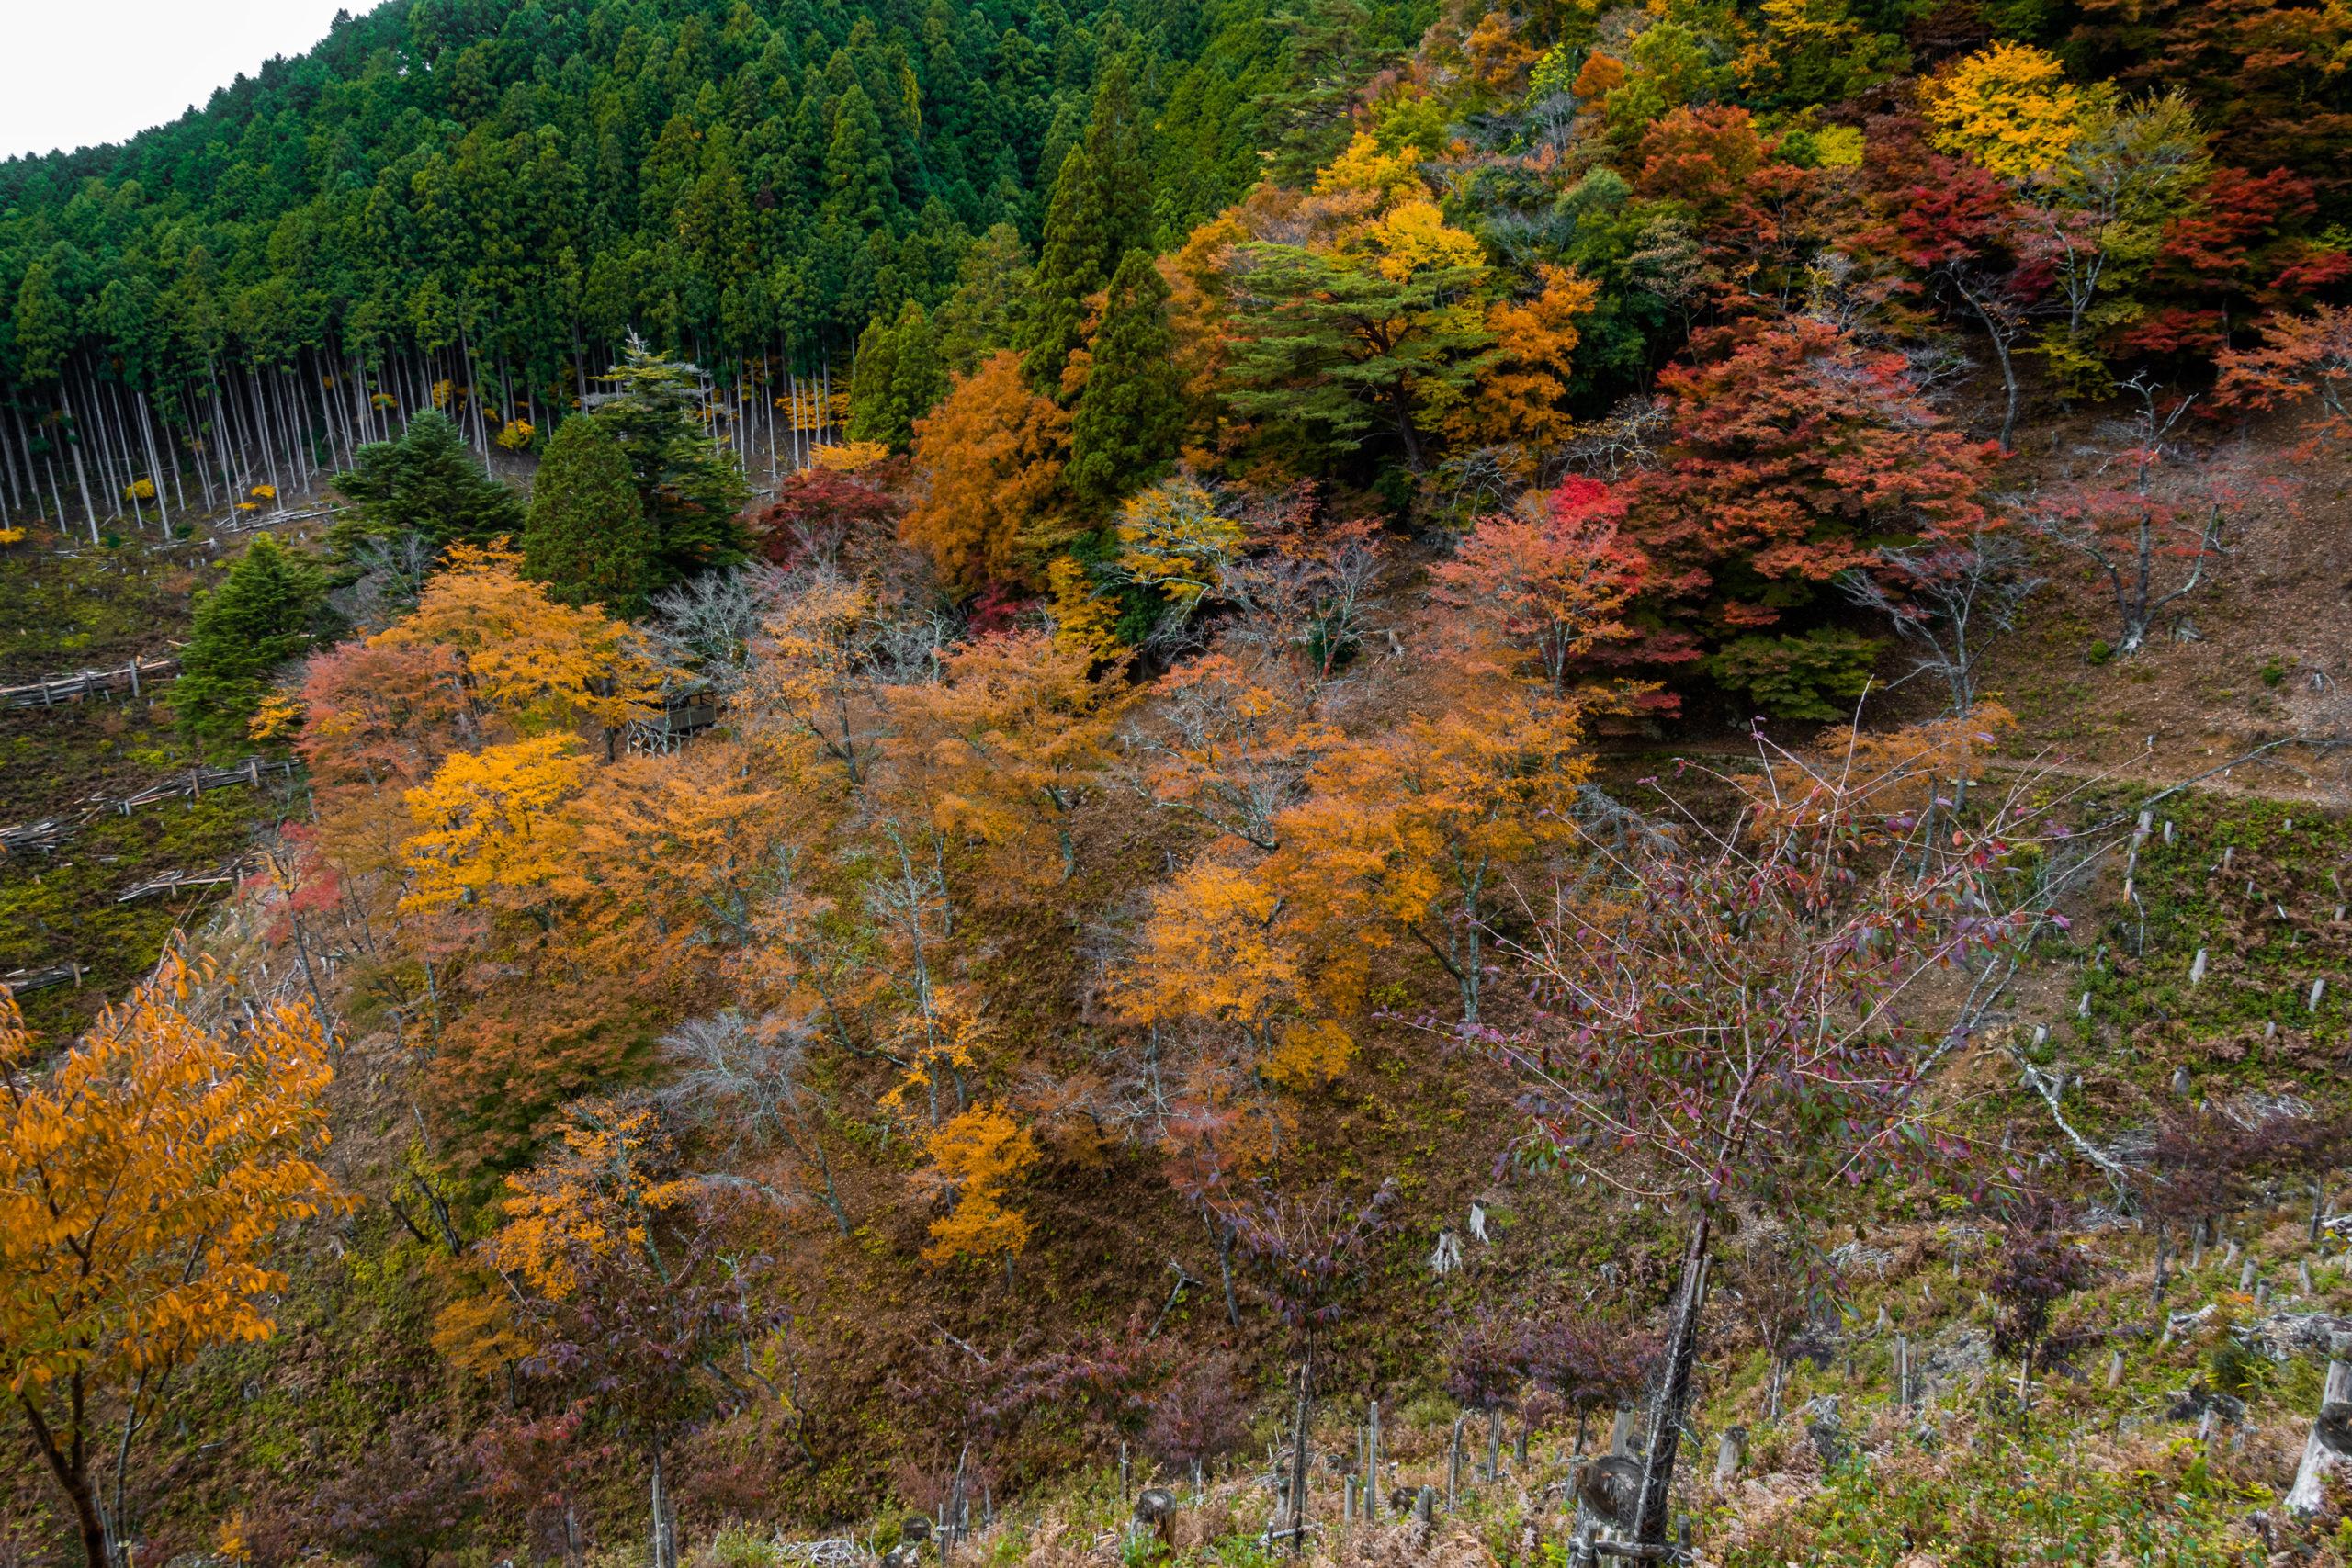 DSC00057-scaled 奈良県  吉野山(山が紅葉に染まる秋におすすめの絶景スポット! 撮影した写真の紹介、アクセス情報や駐車場情報など)